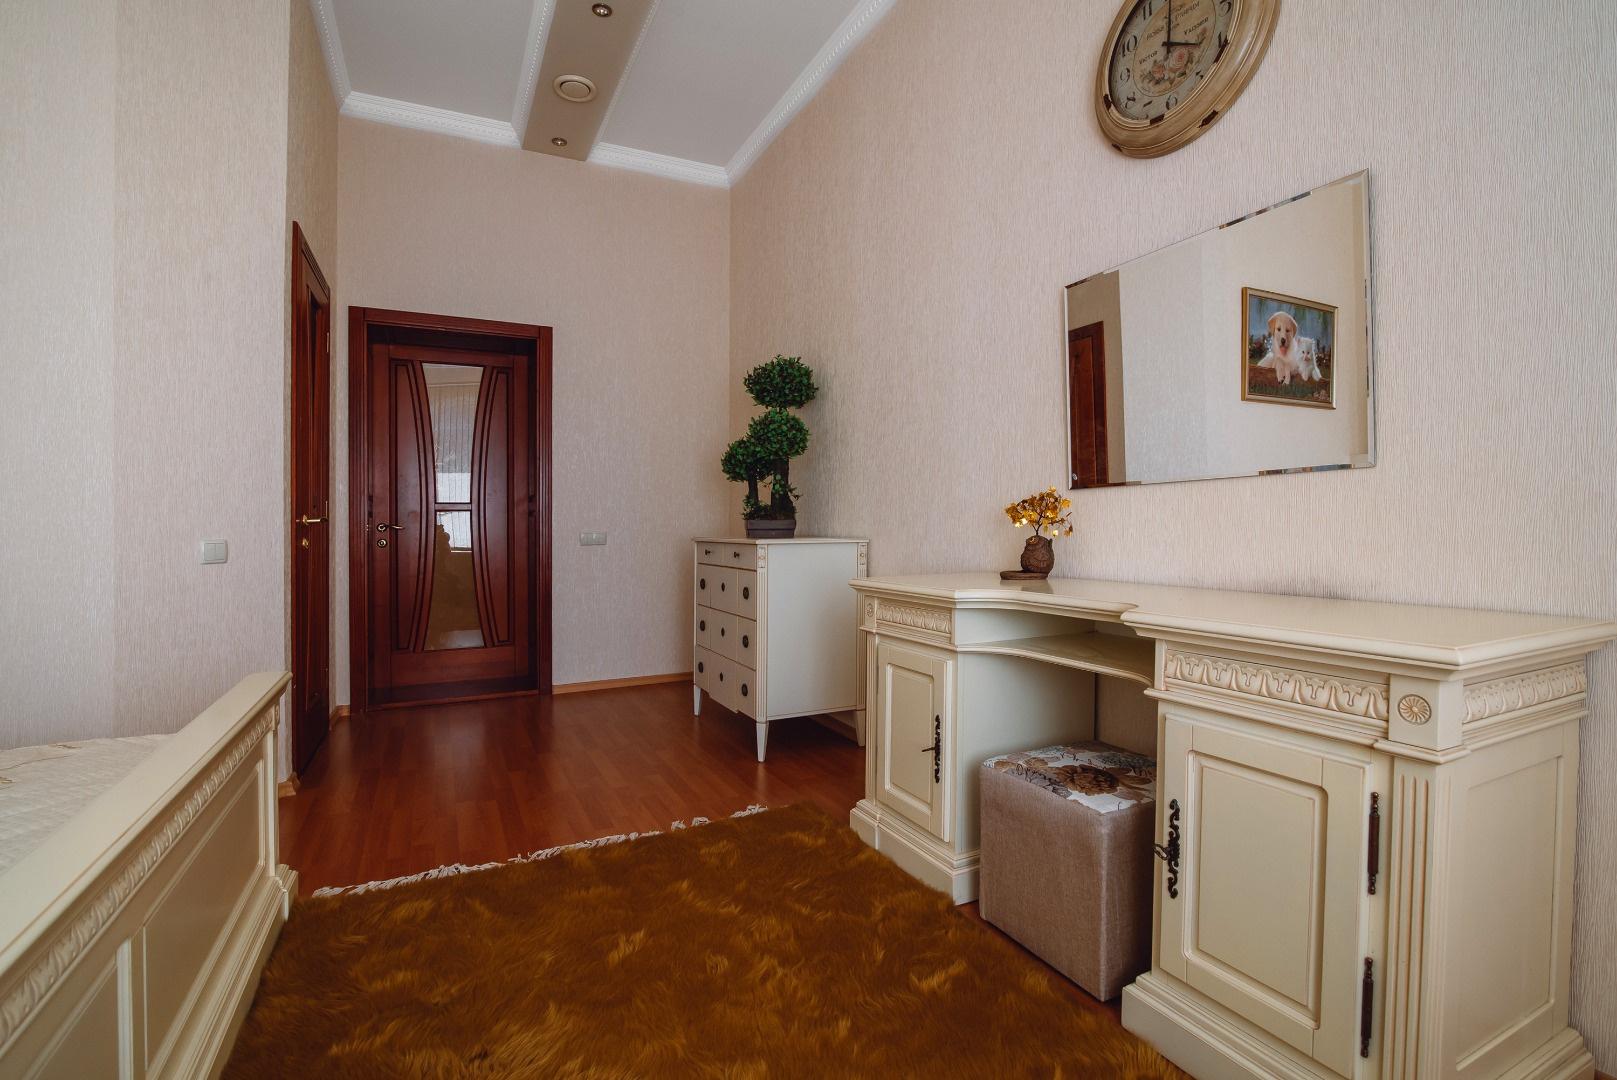 Продается Дом на ул. Аркадиевский Пер. — 1 500 000 у.е. (фото №20)